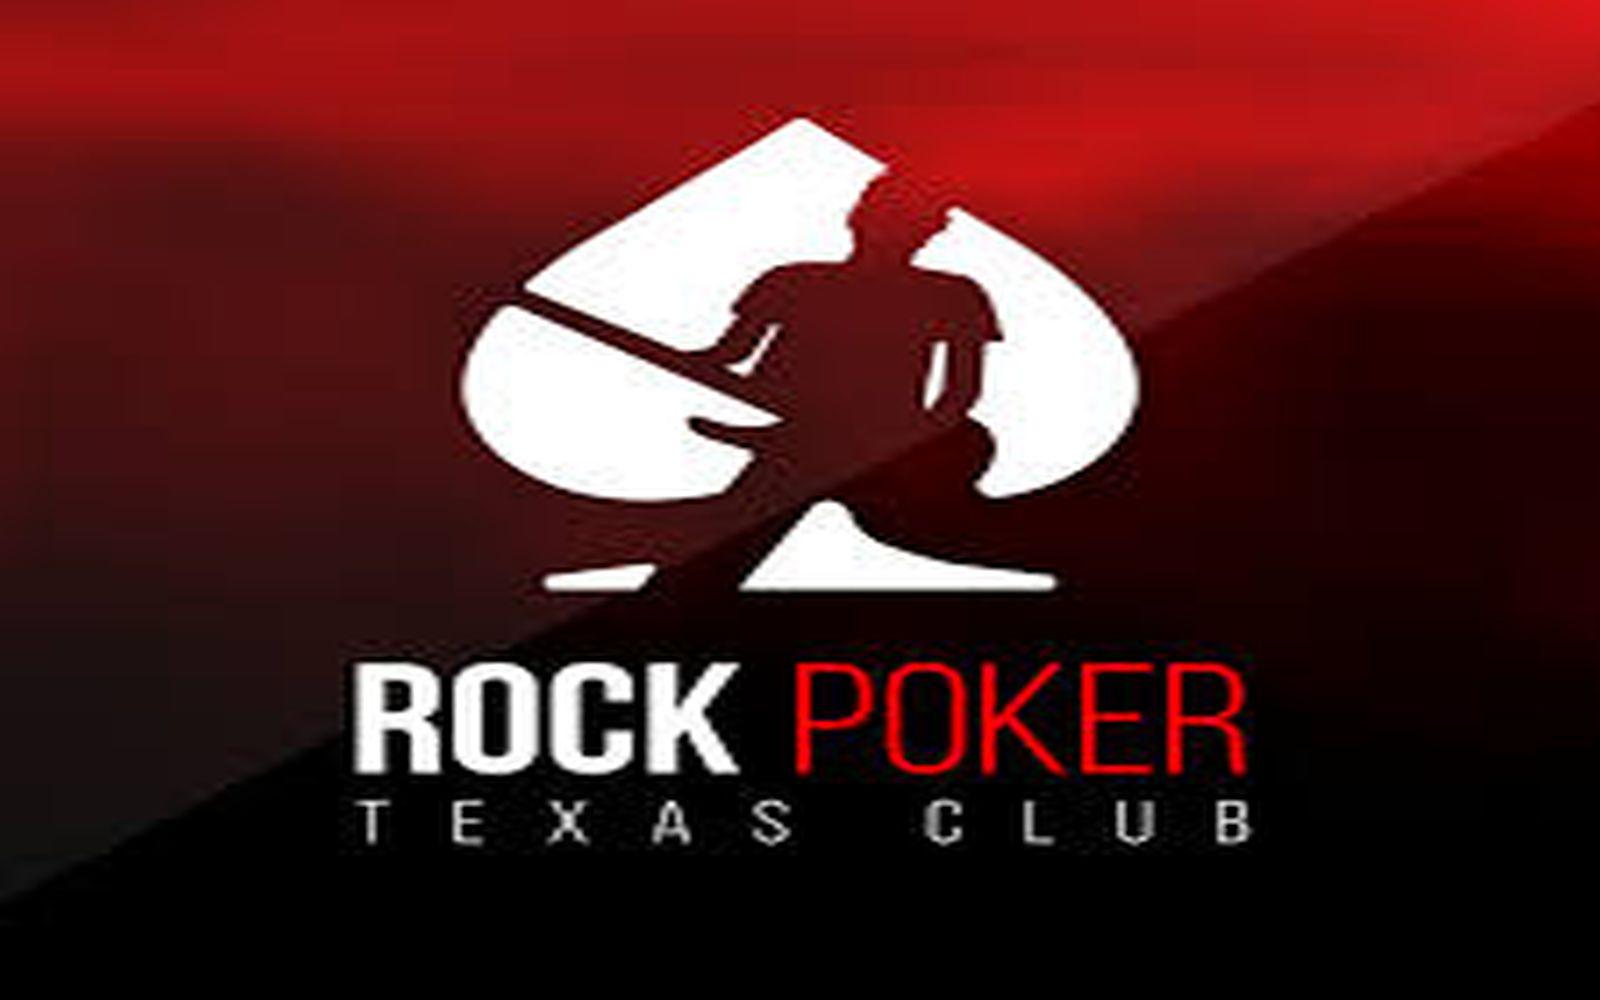 Rock Poker